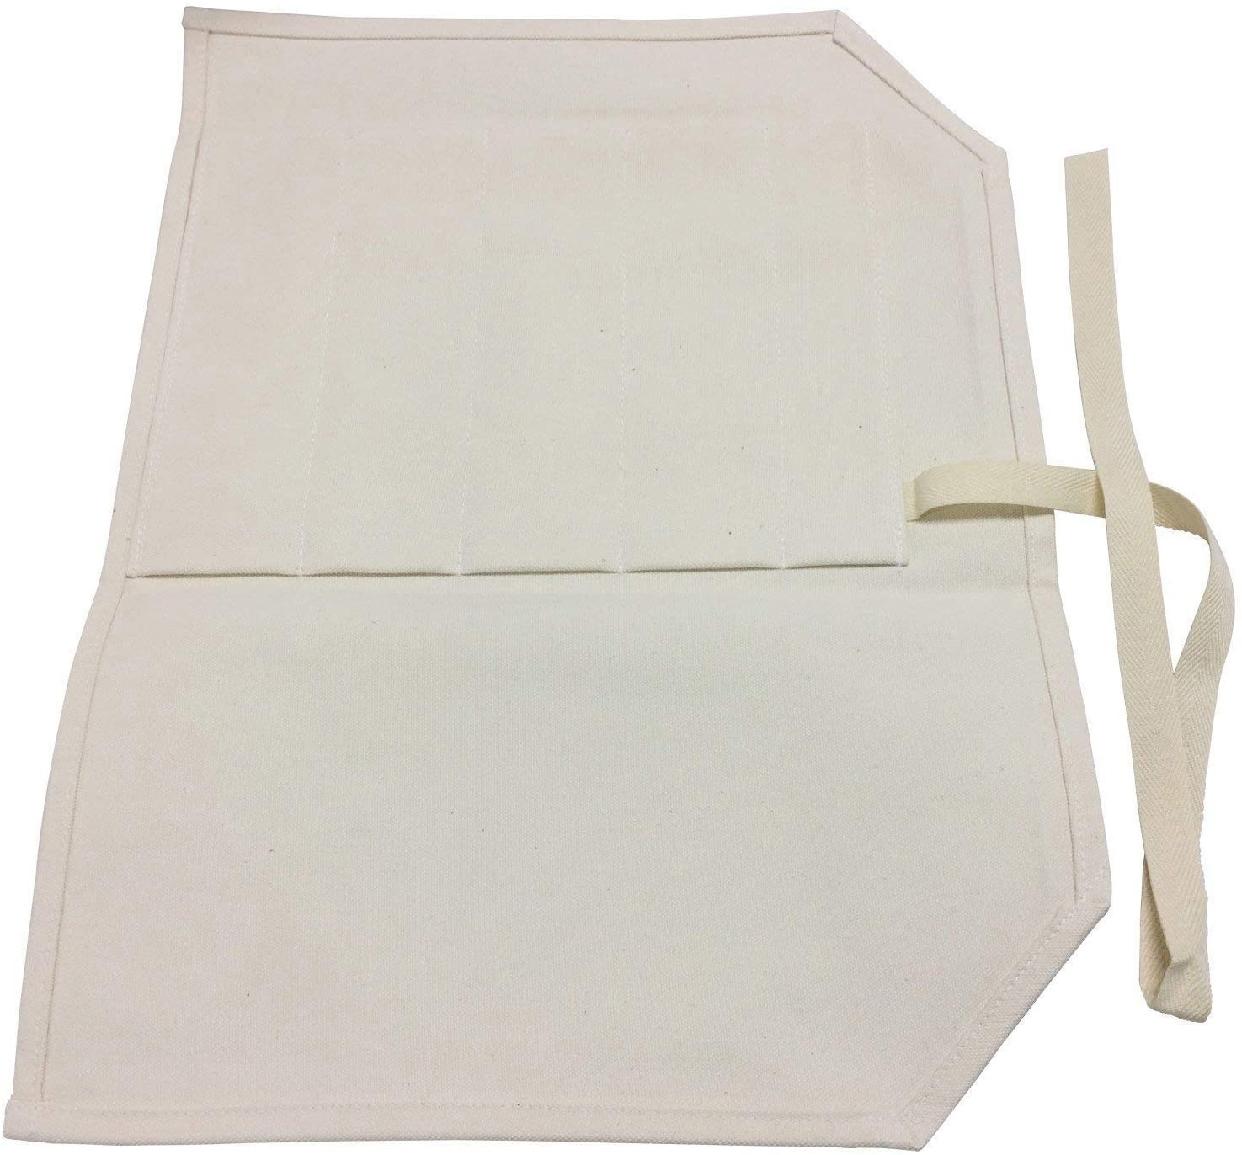 藤次郎(TOJIRO) 特製 帆布ナイフポケット F-359 ホワイトの商品画像3